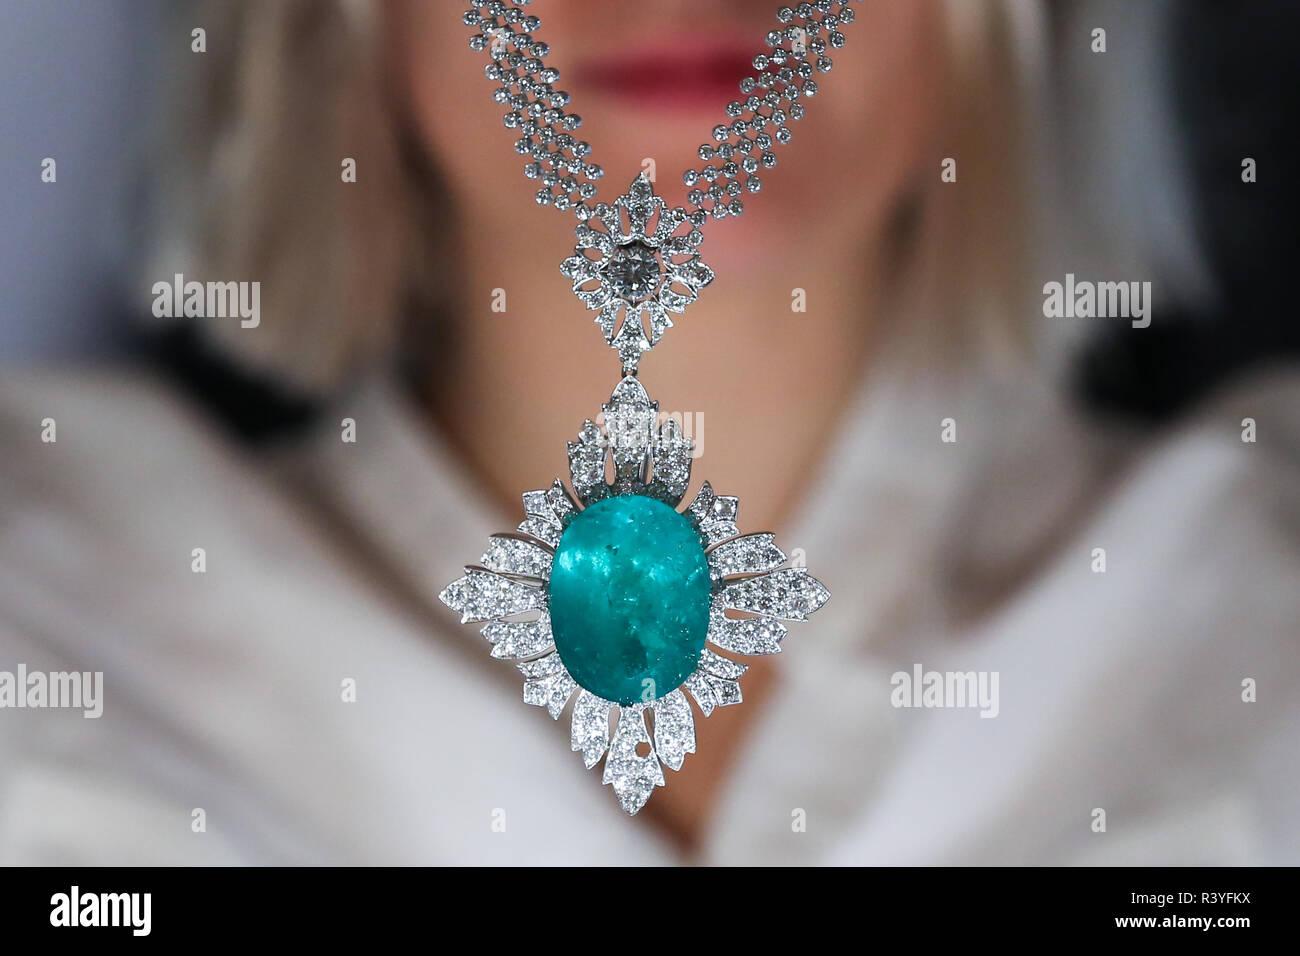 Un técnico es visto sosteniendo un colgante Collar de diamantes y esmeraldas (est - £40.000 - 60.000) a partir de la colección personal Vishnevskaya. La subasta de Rostropovich Vishnevskaya. La Colección Privada toma en Sotheby's de Londres el 28 de noviembre de 2018. Foto de stock